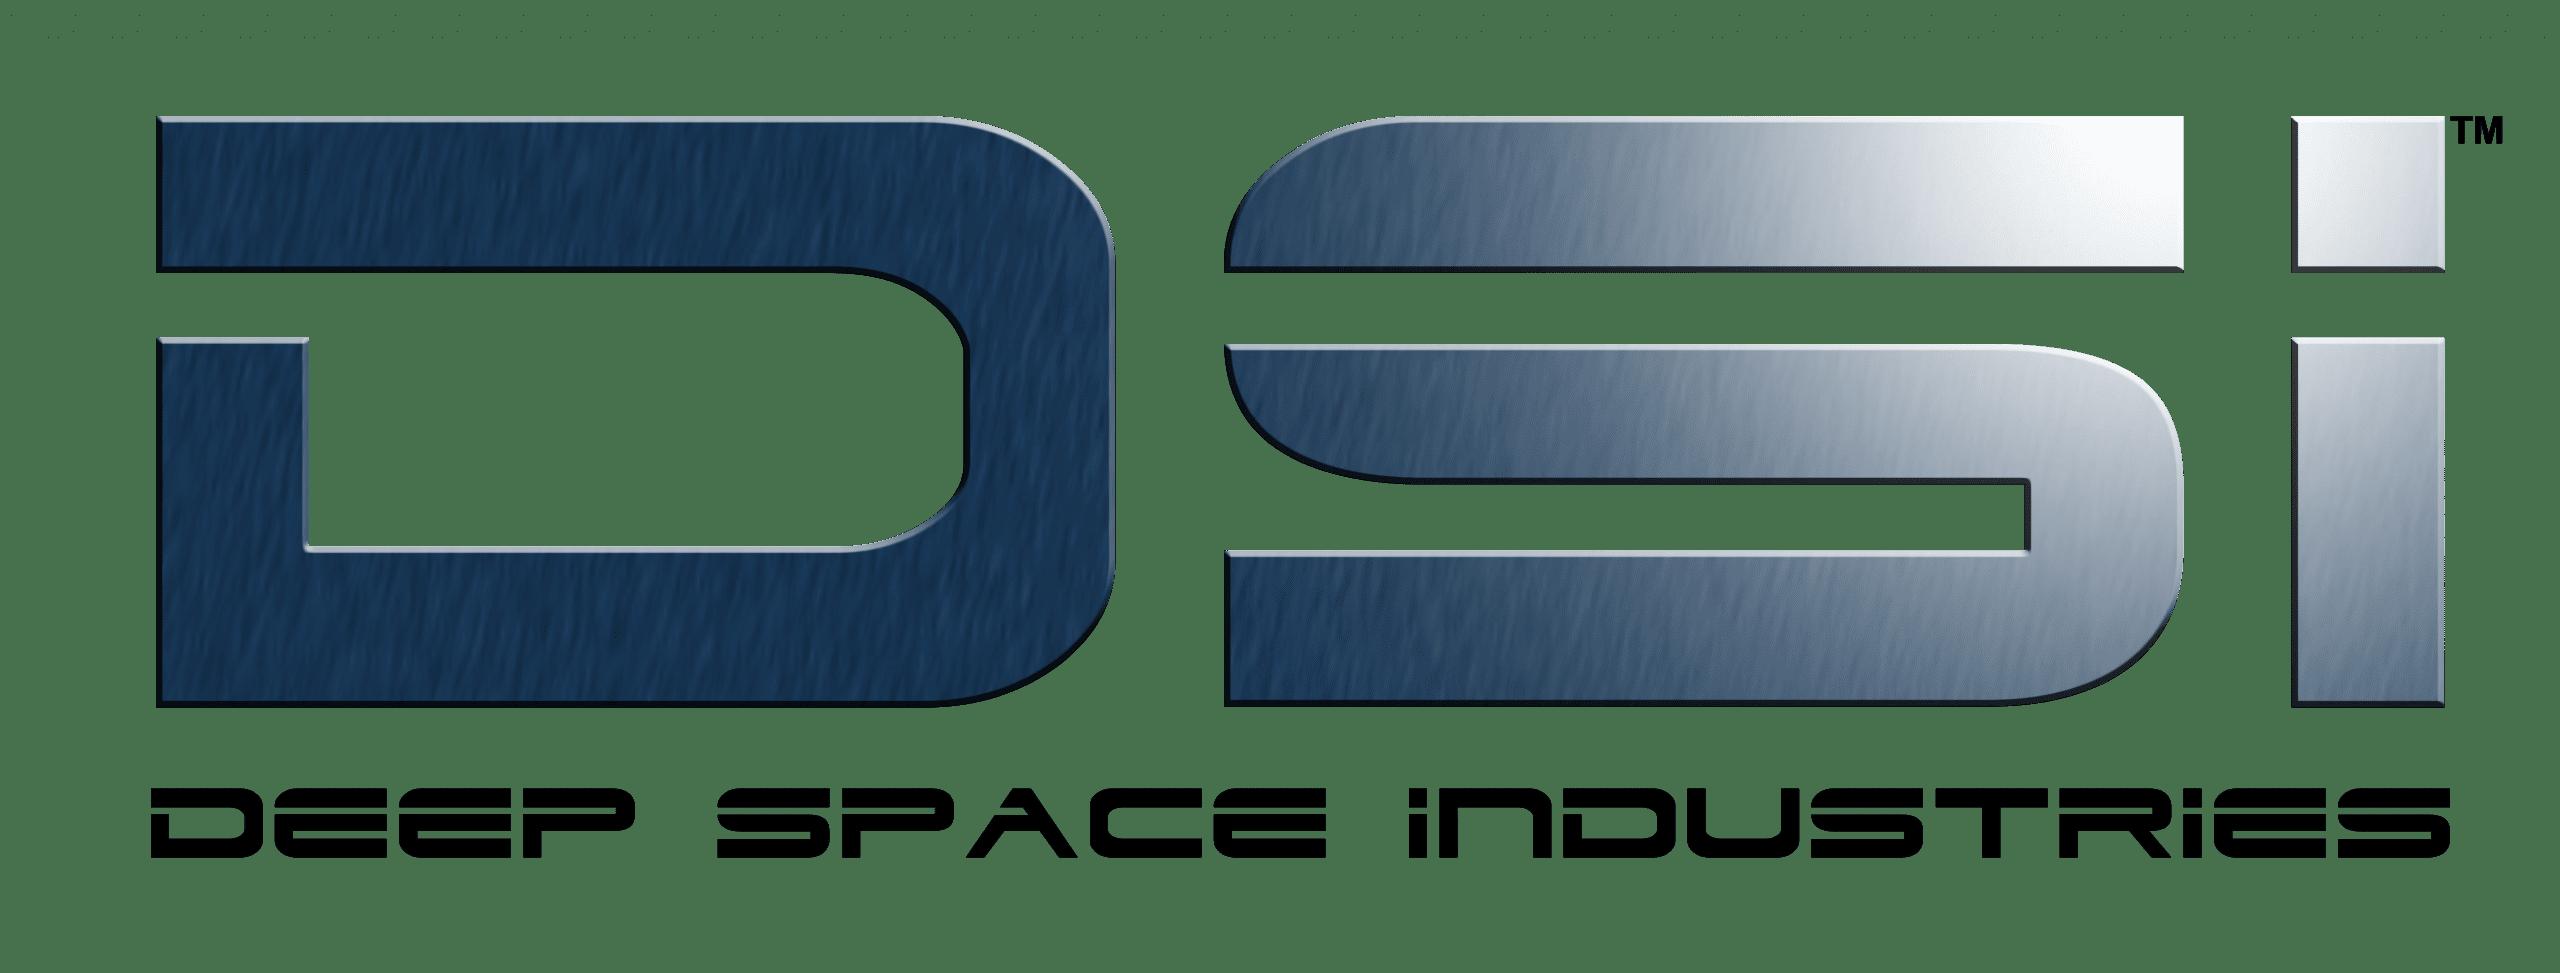 Deep Space Industries Logo